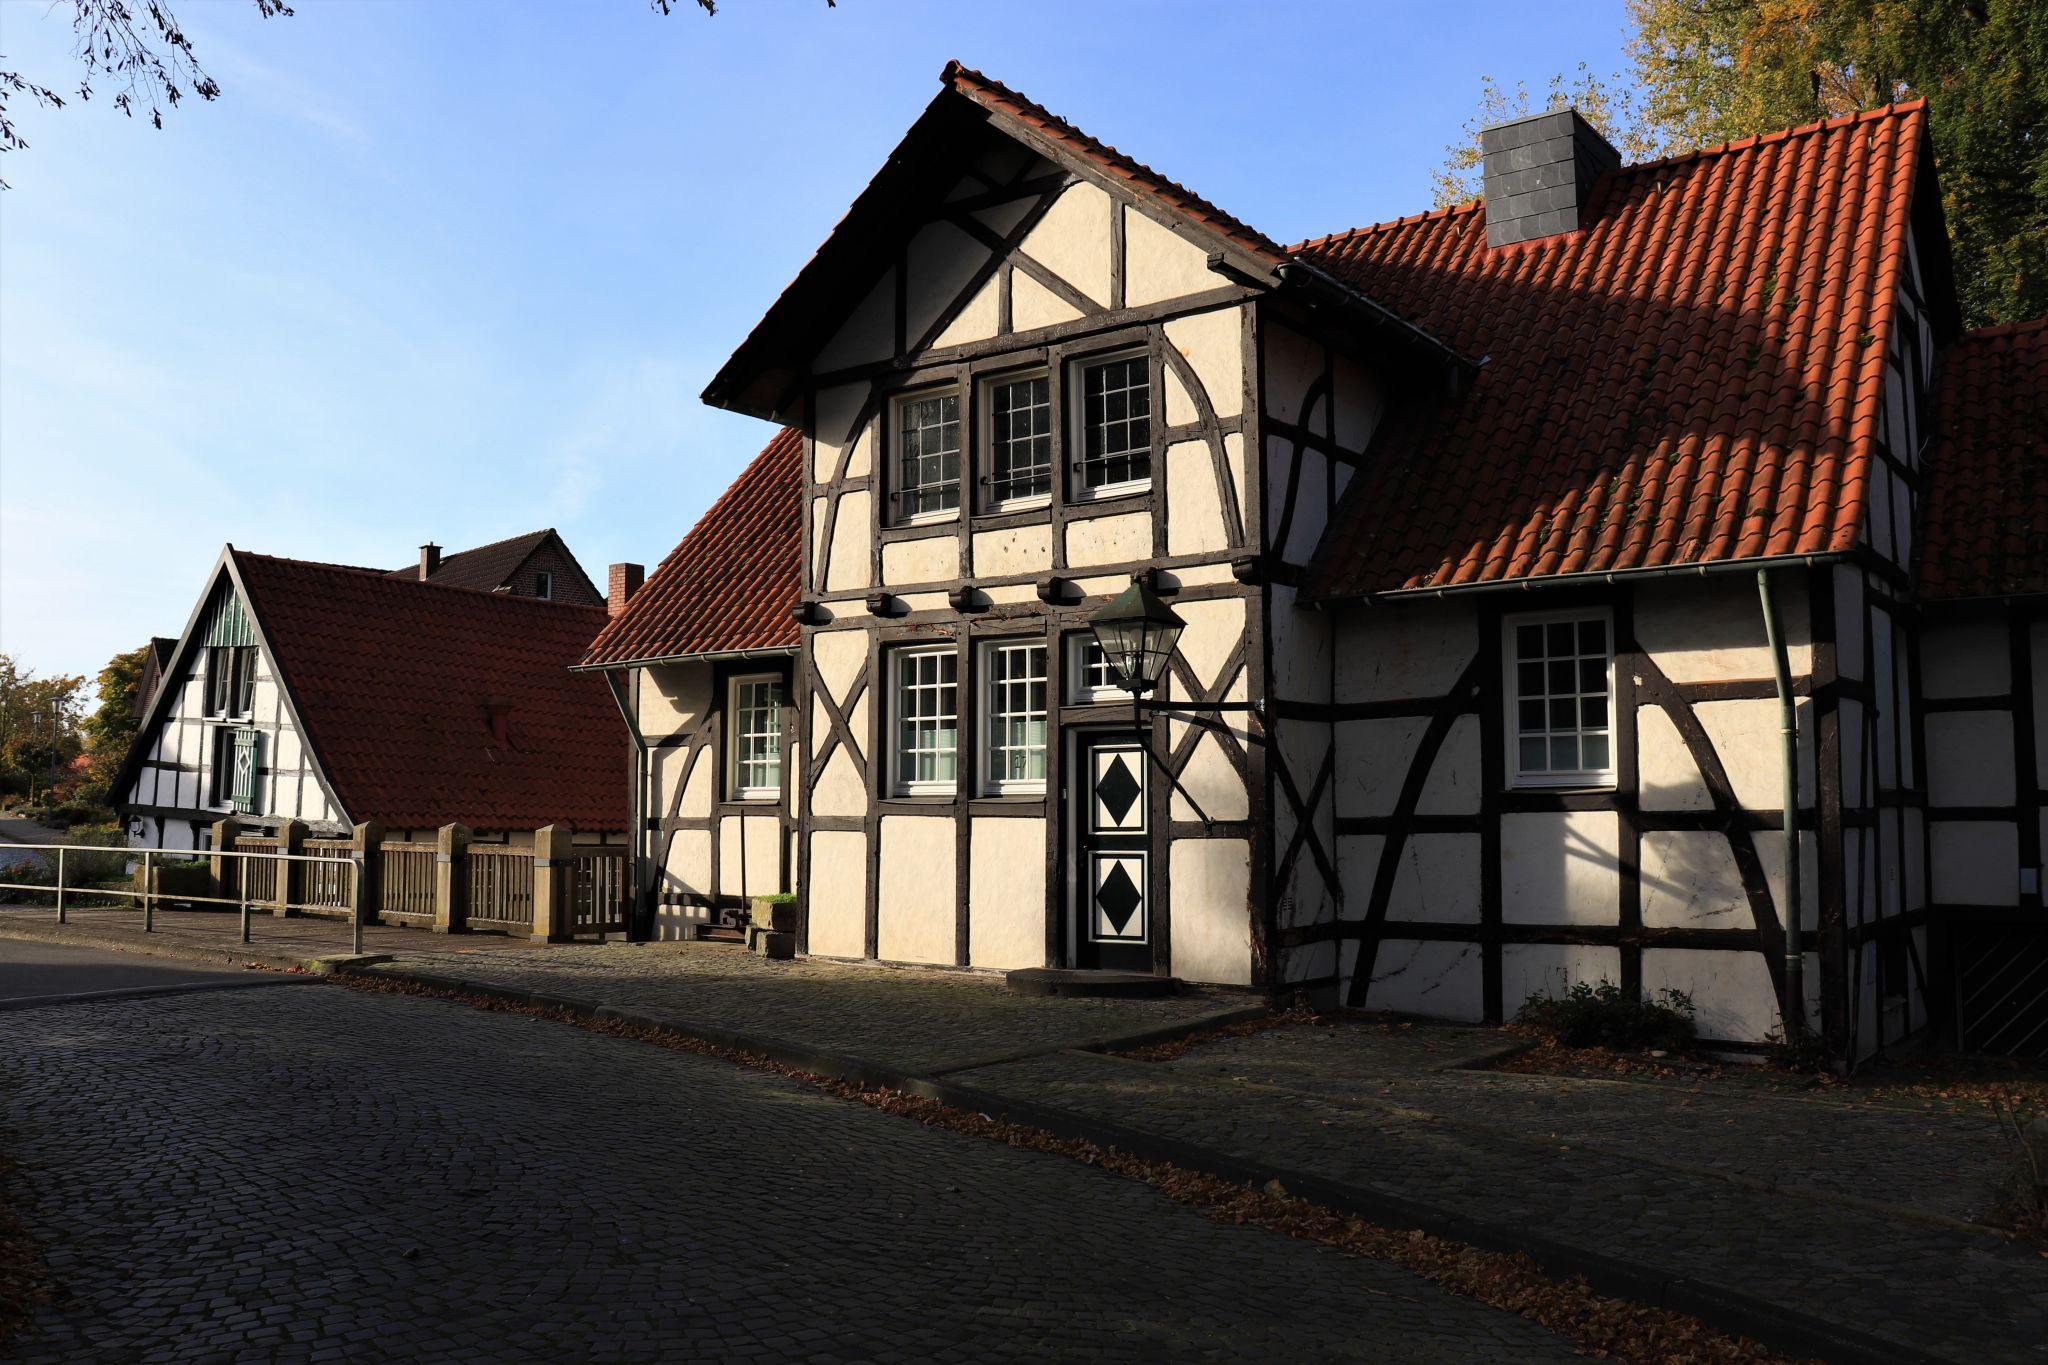 Wassermühle Ladbergen, Germany